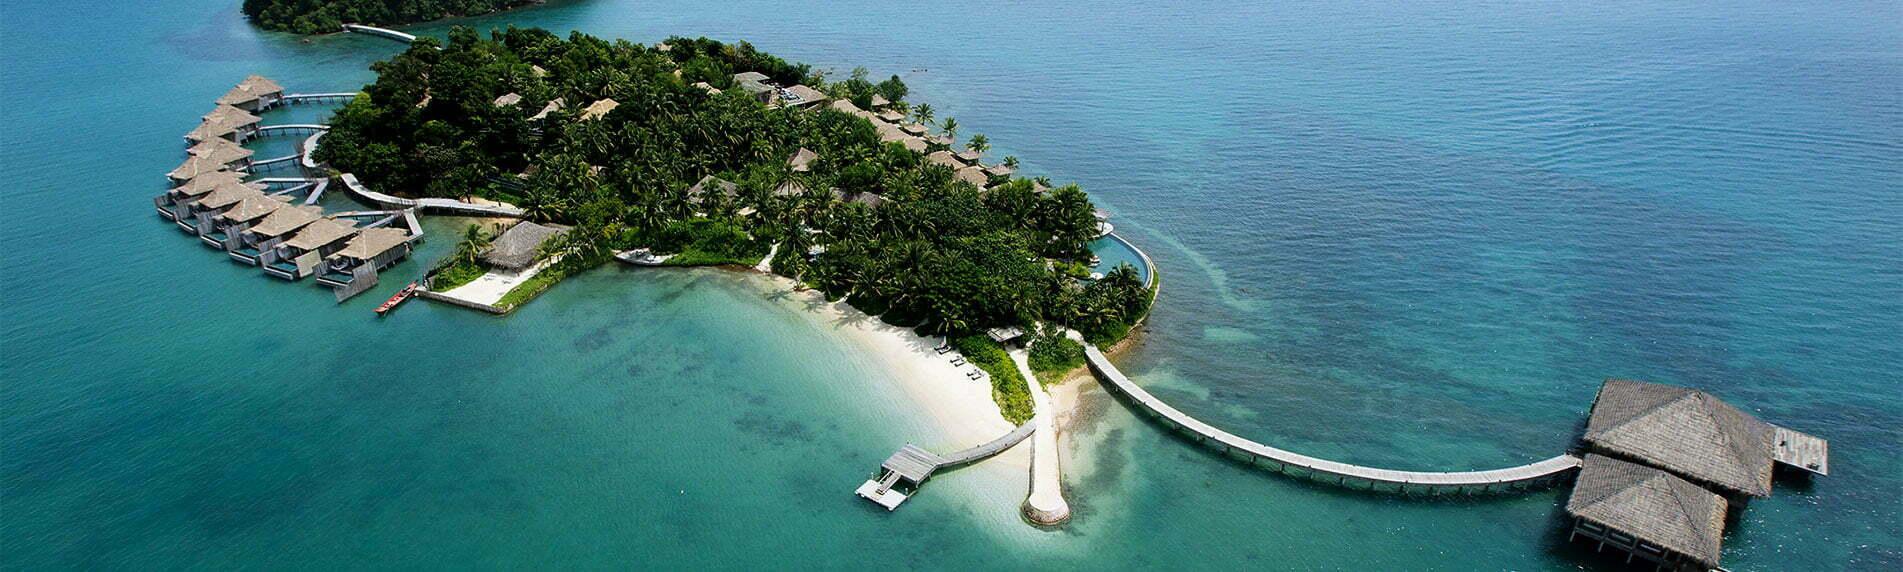 Ile paradisiaque avec des habitations luxueuses